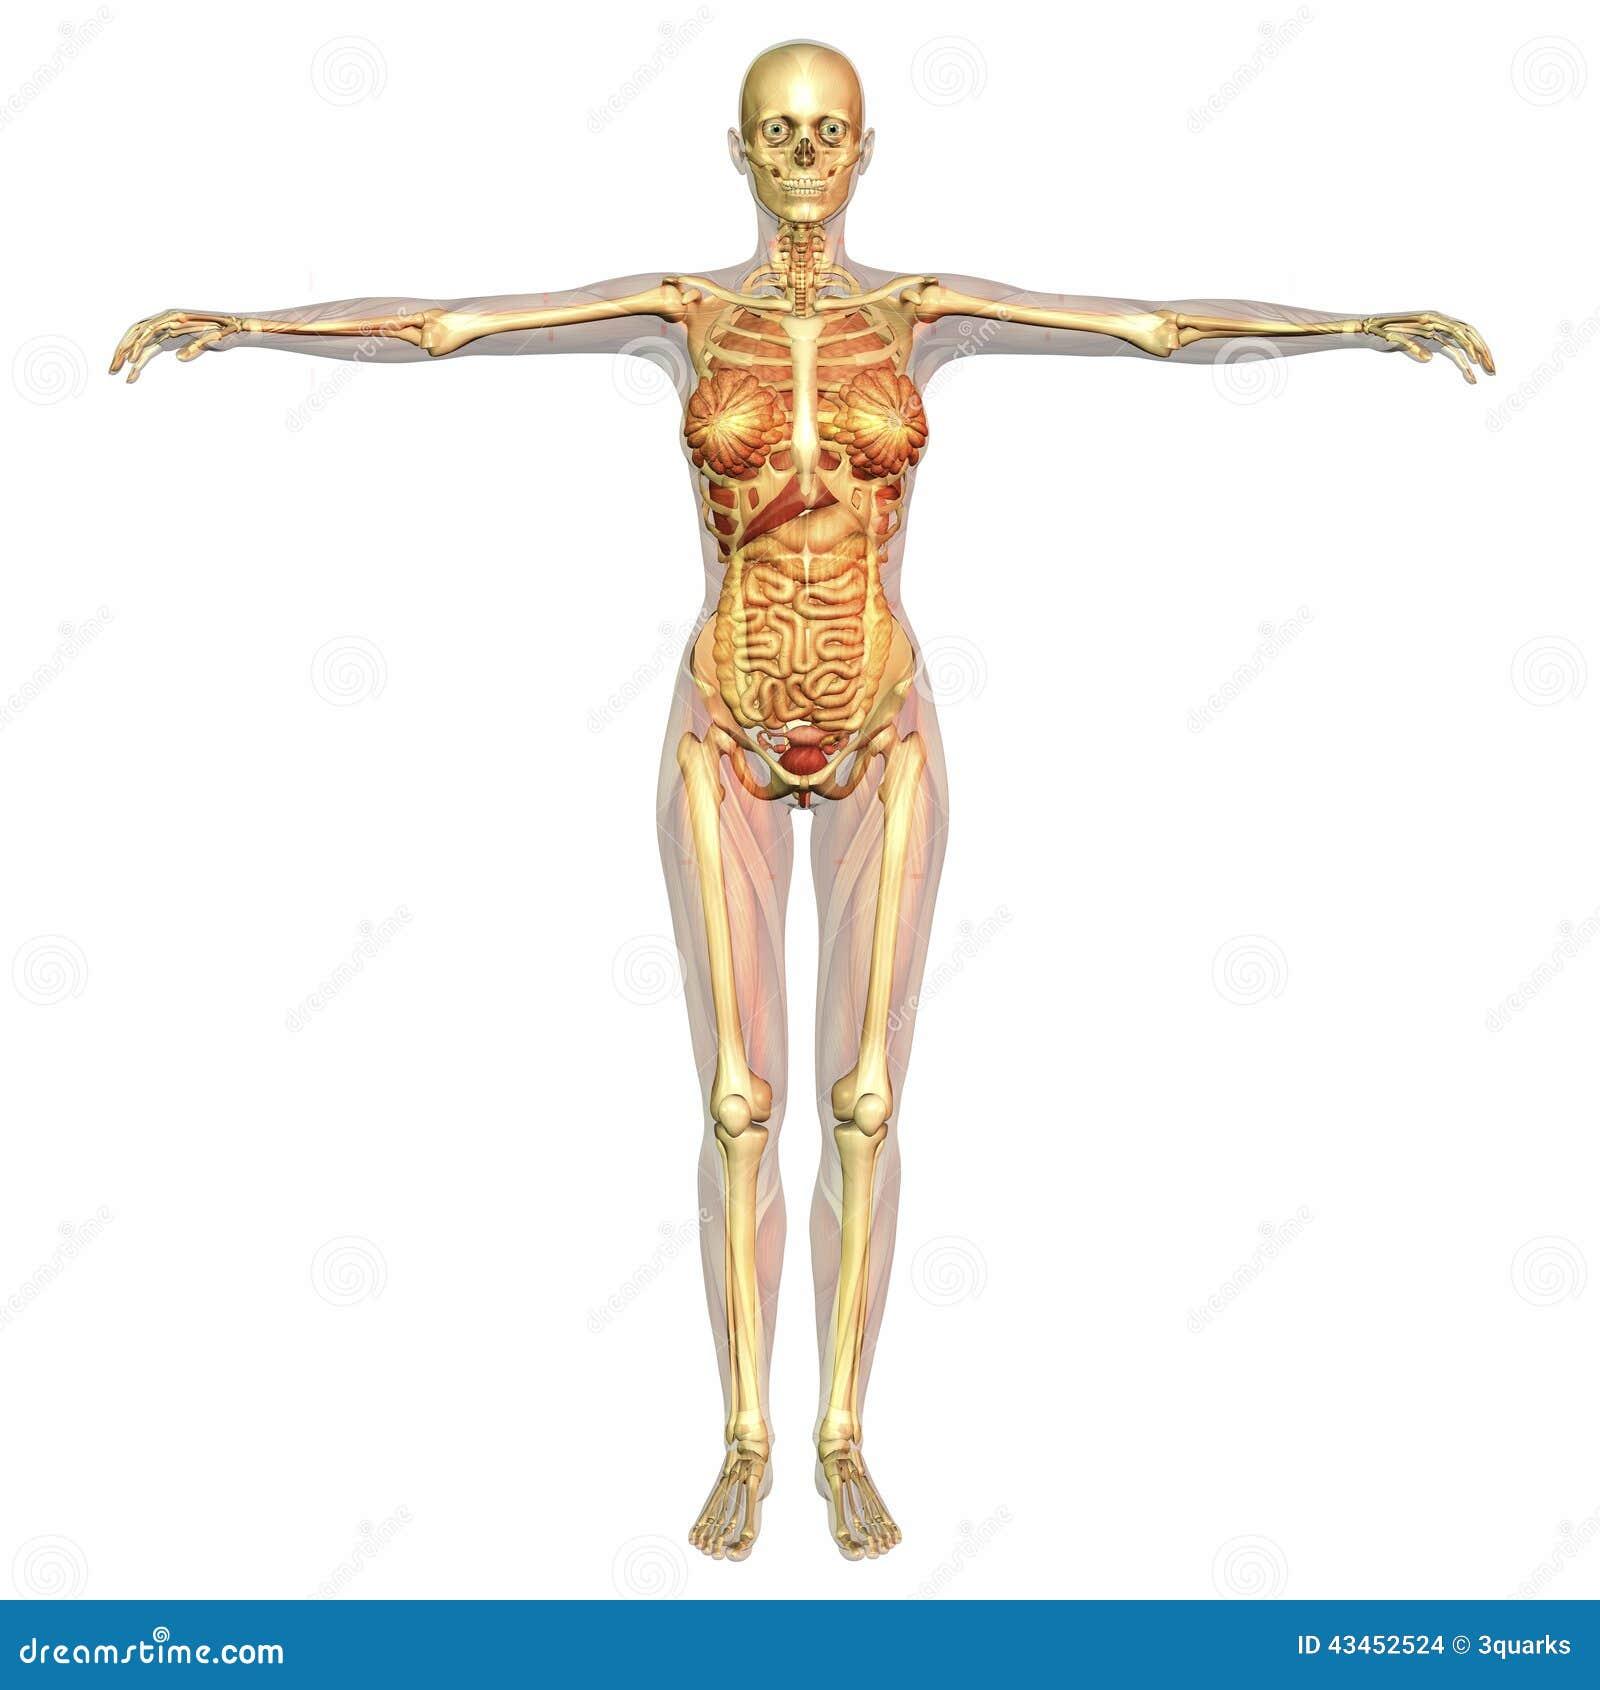 Großartig Muscle Malvorlagen Anatomie Ideen - Druckbare Malvorlagen ...